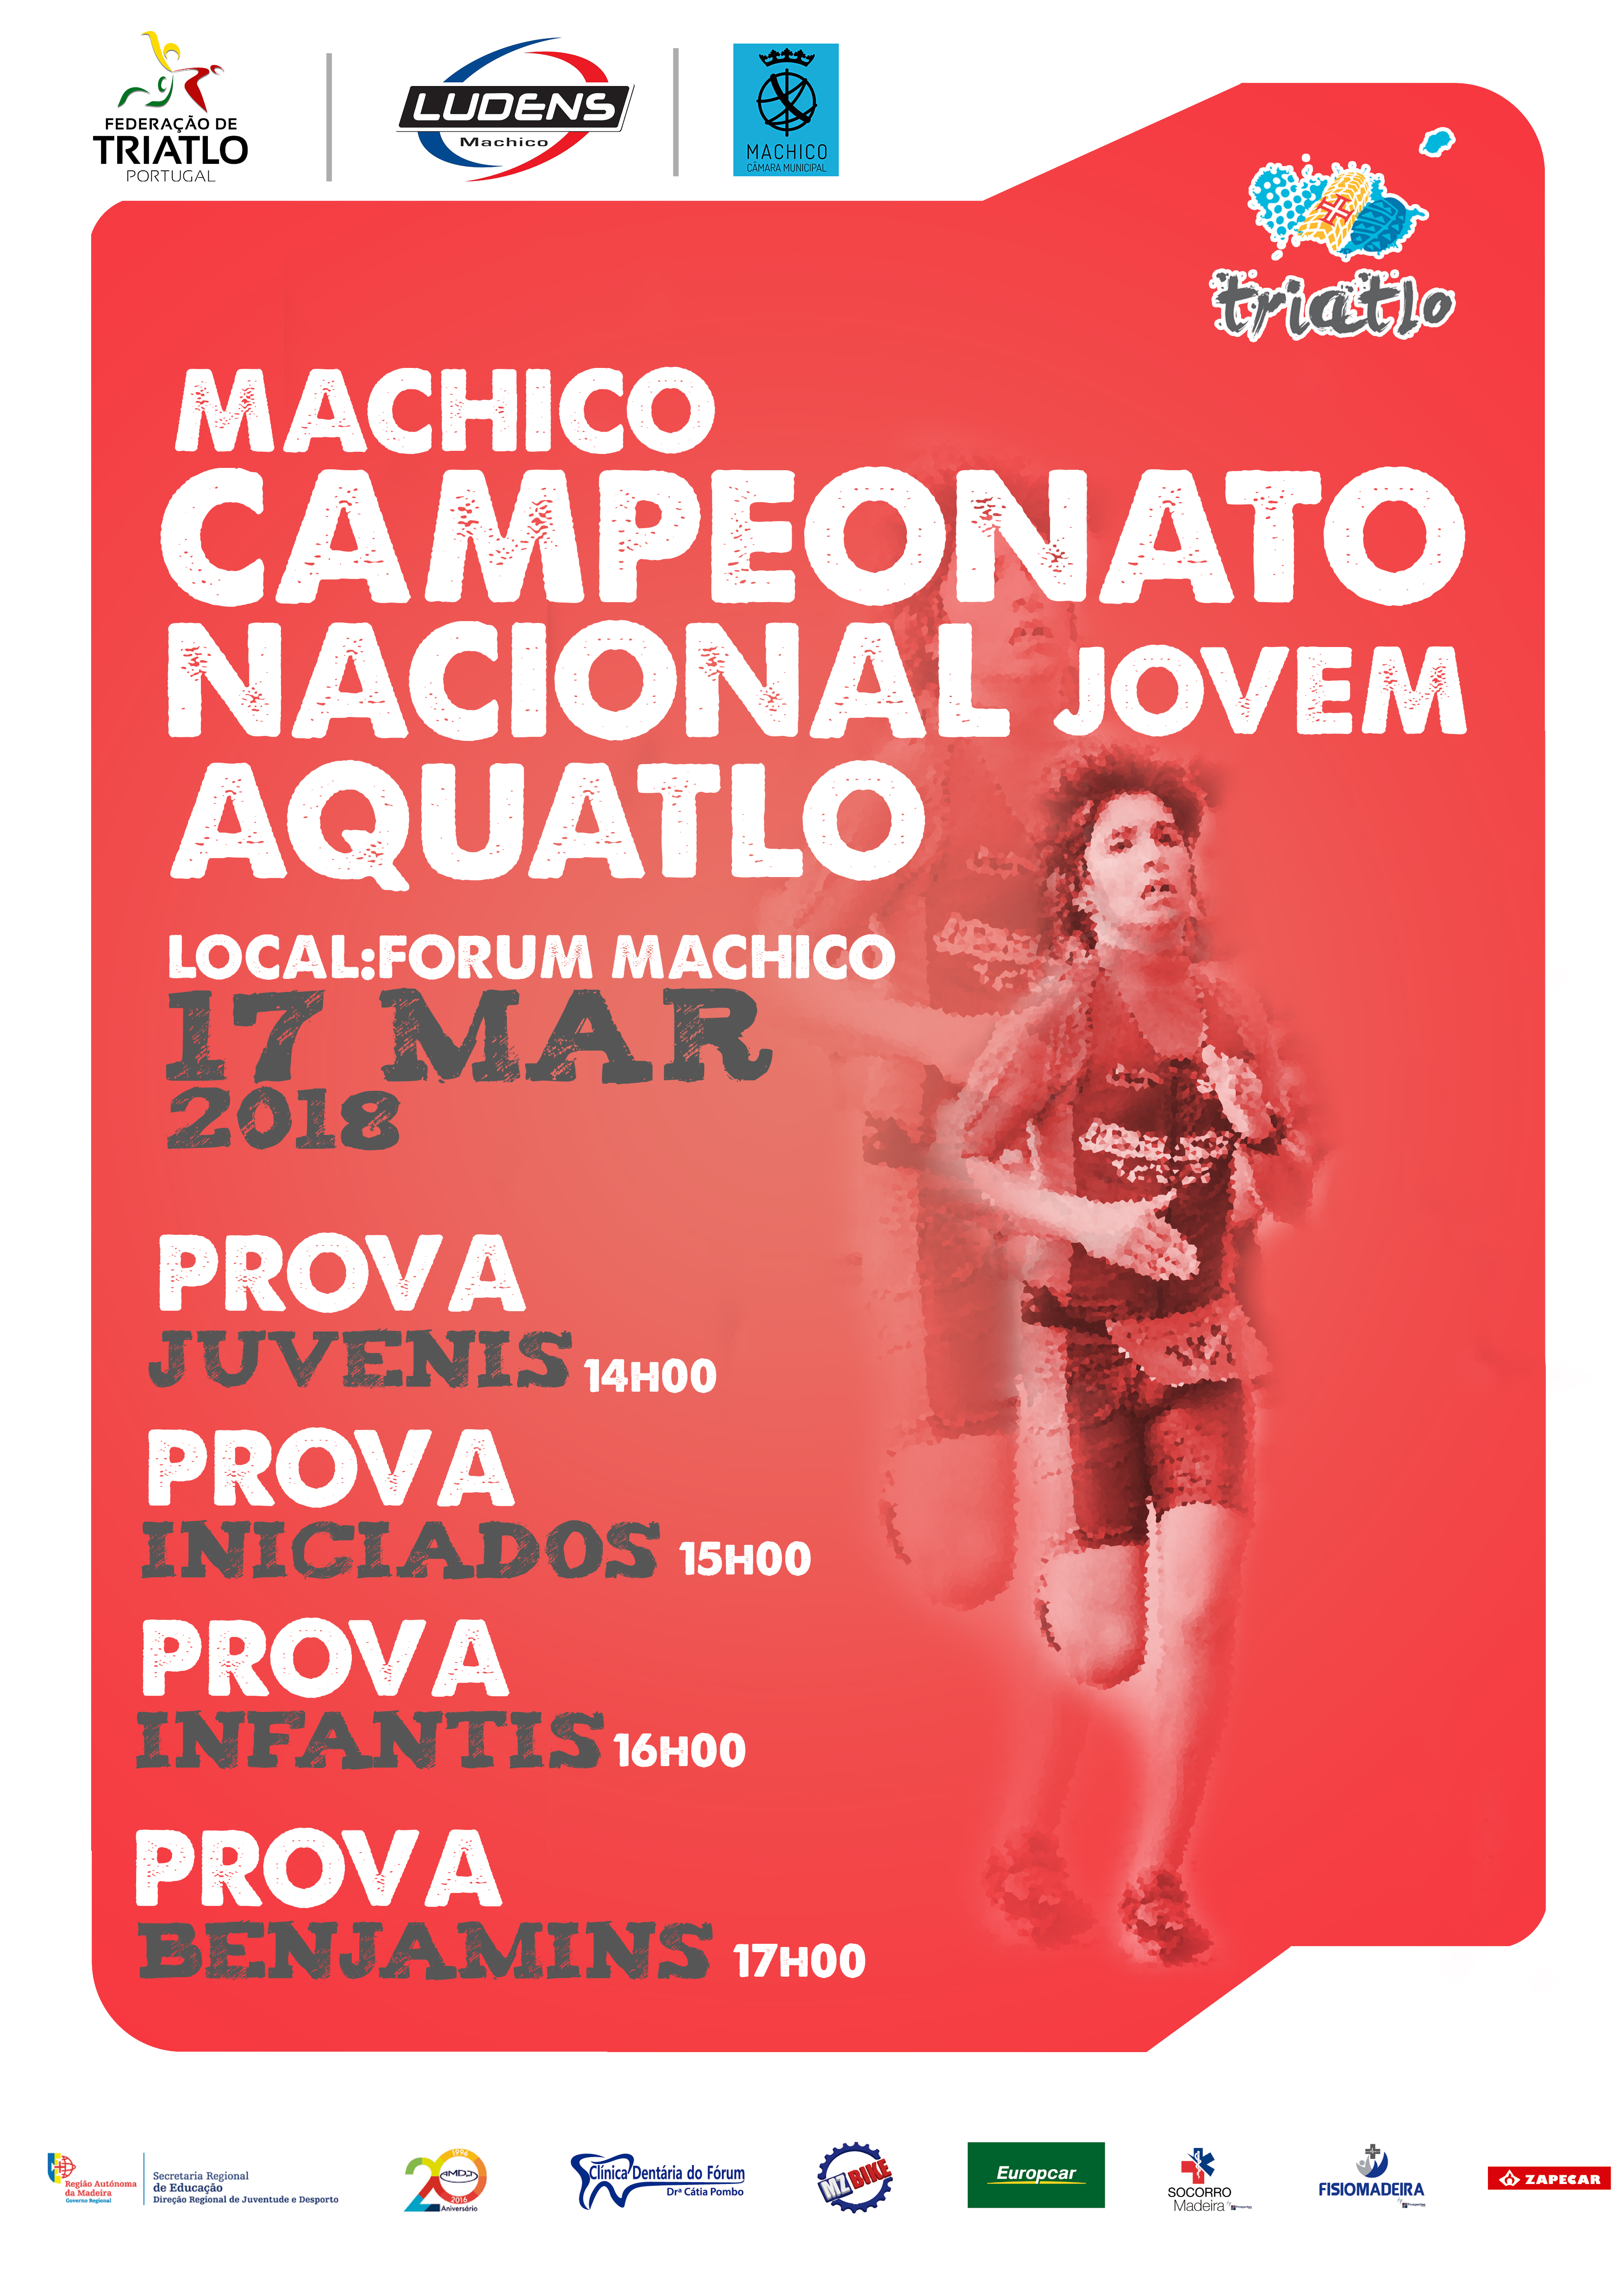 Aquatlo-de-Machico